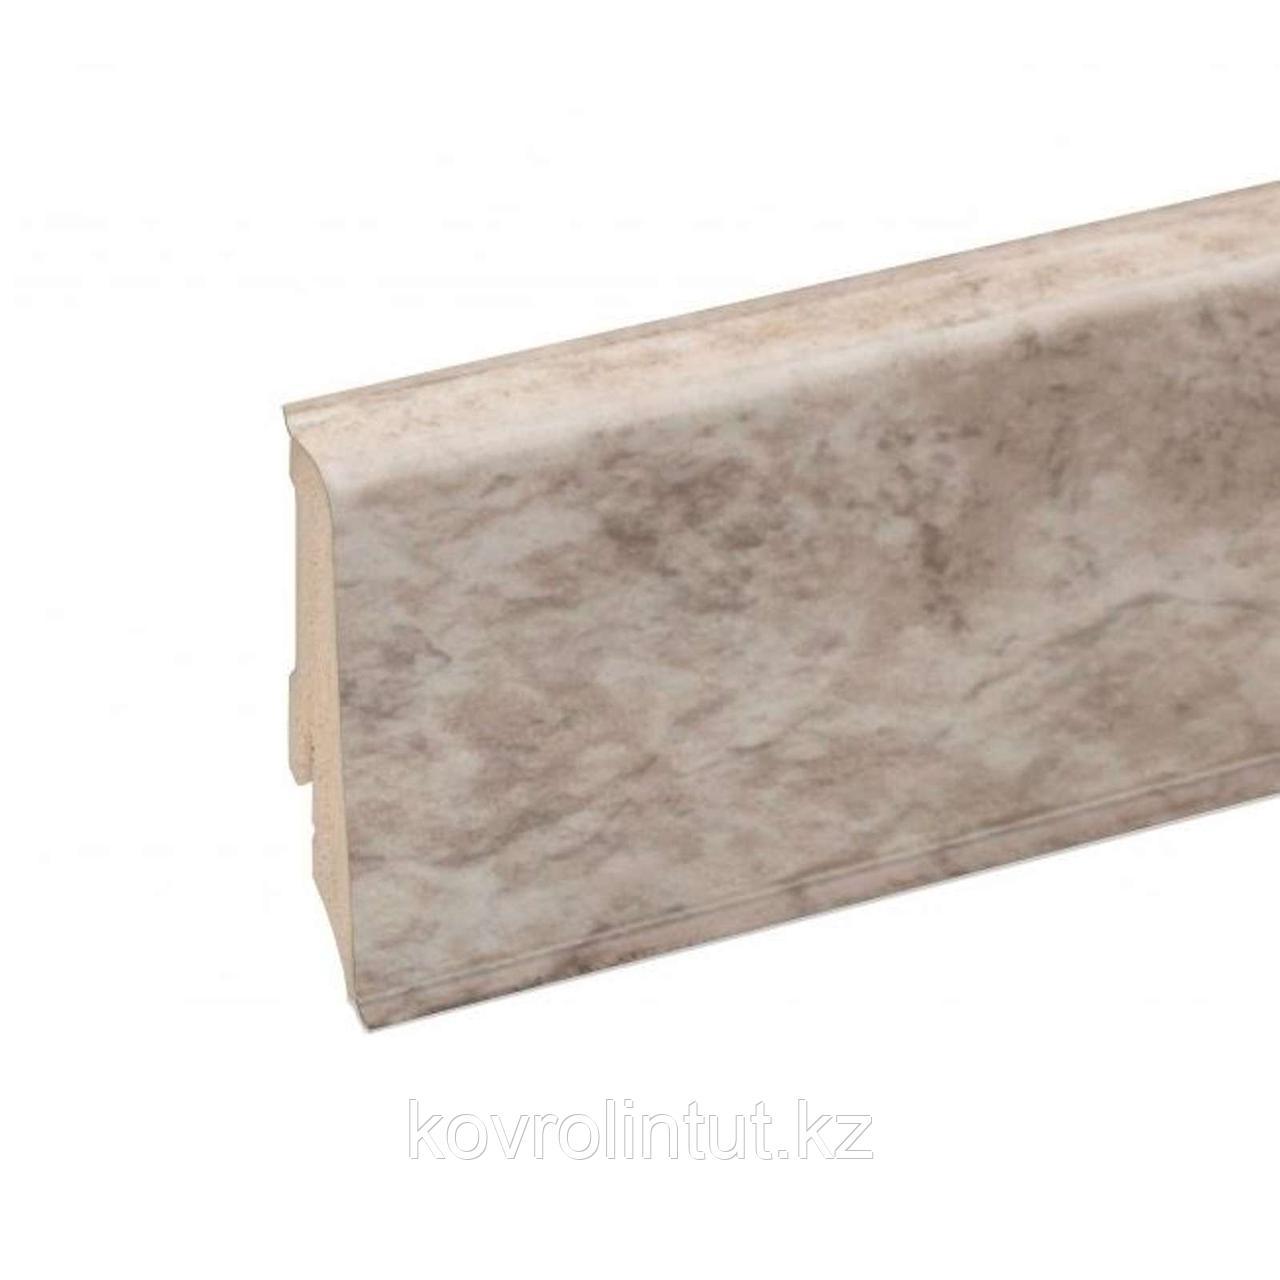 Плинтус композитный для LVT Neuhofer Holz, K0210L, 714473, 2400х59х17 мм